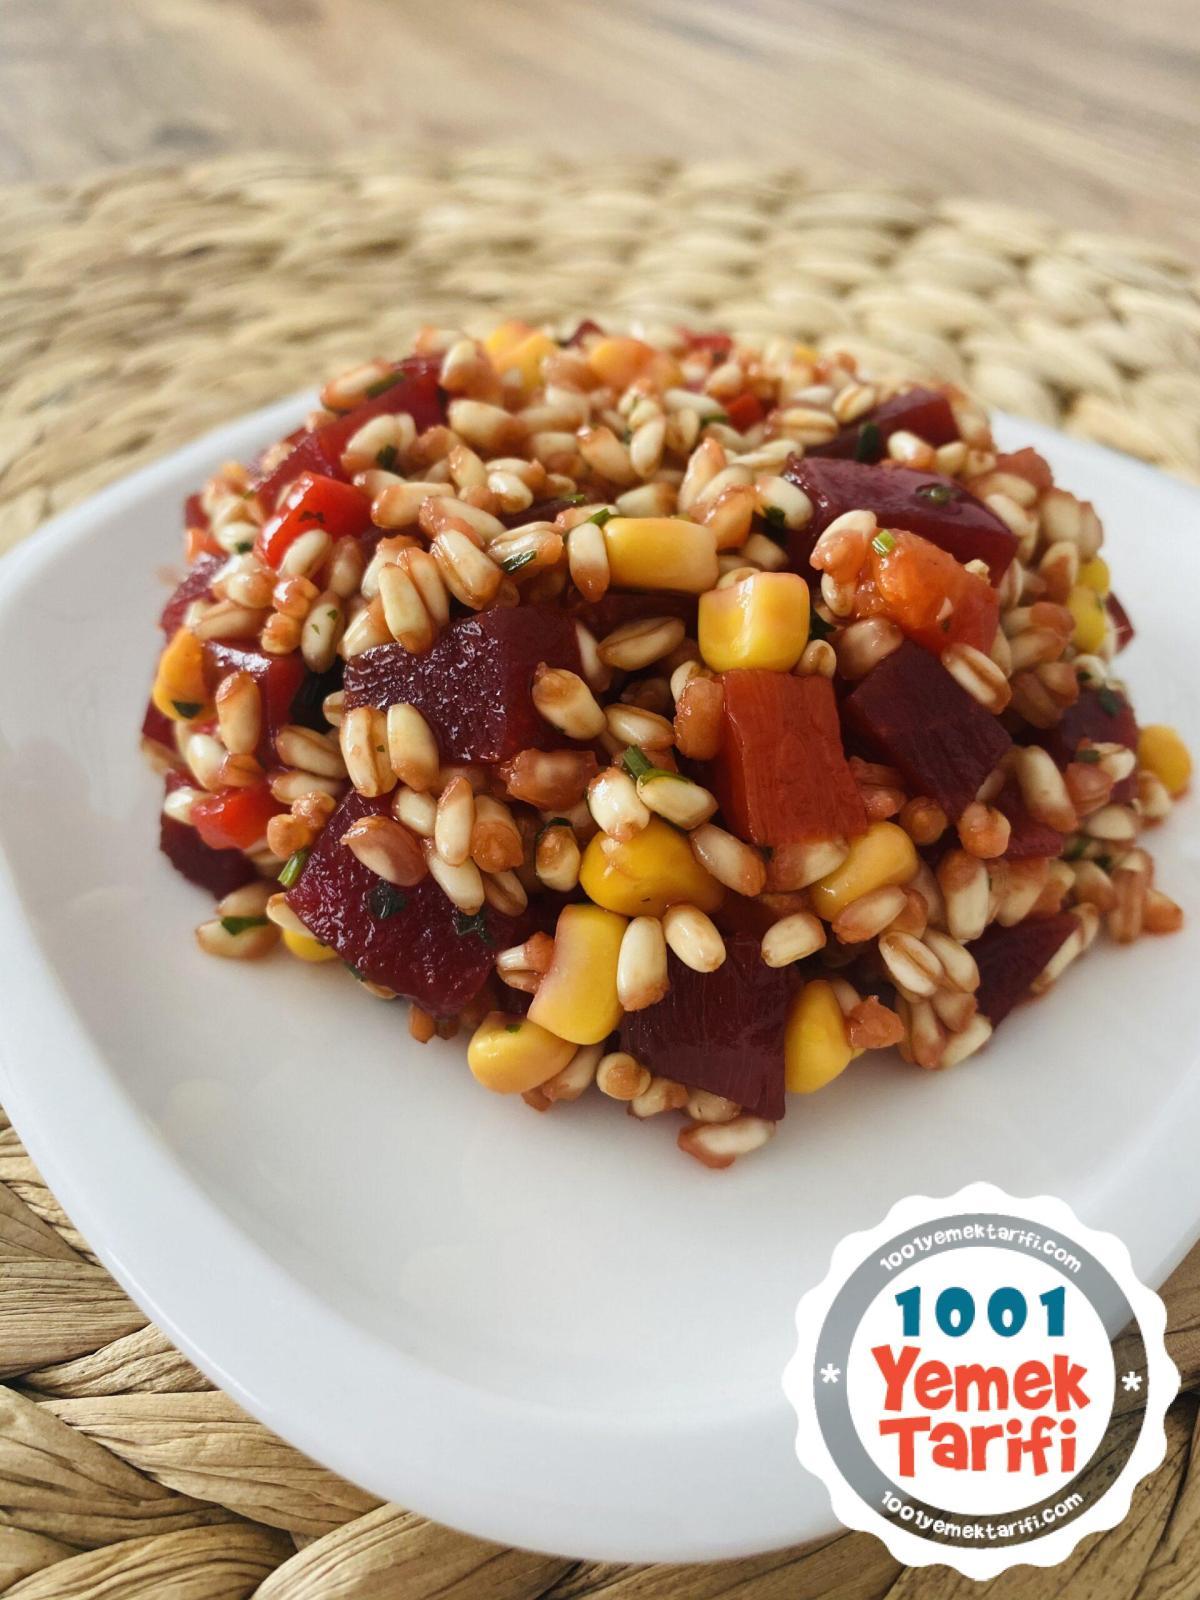 Pancarlı Buğday Salatası Tarifi